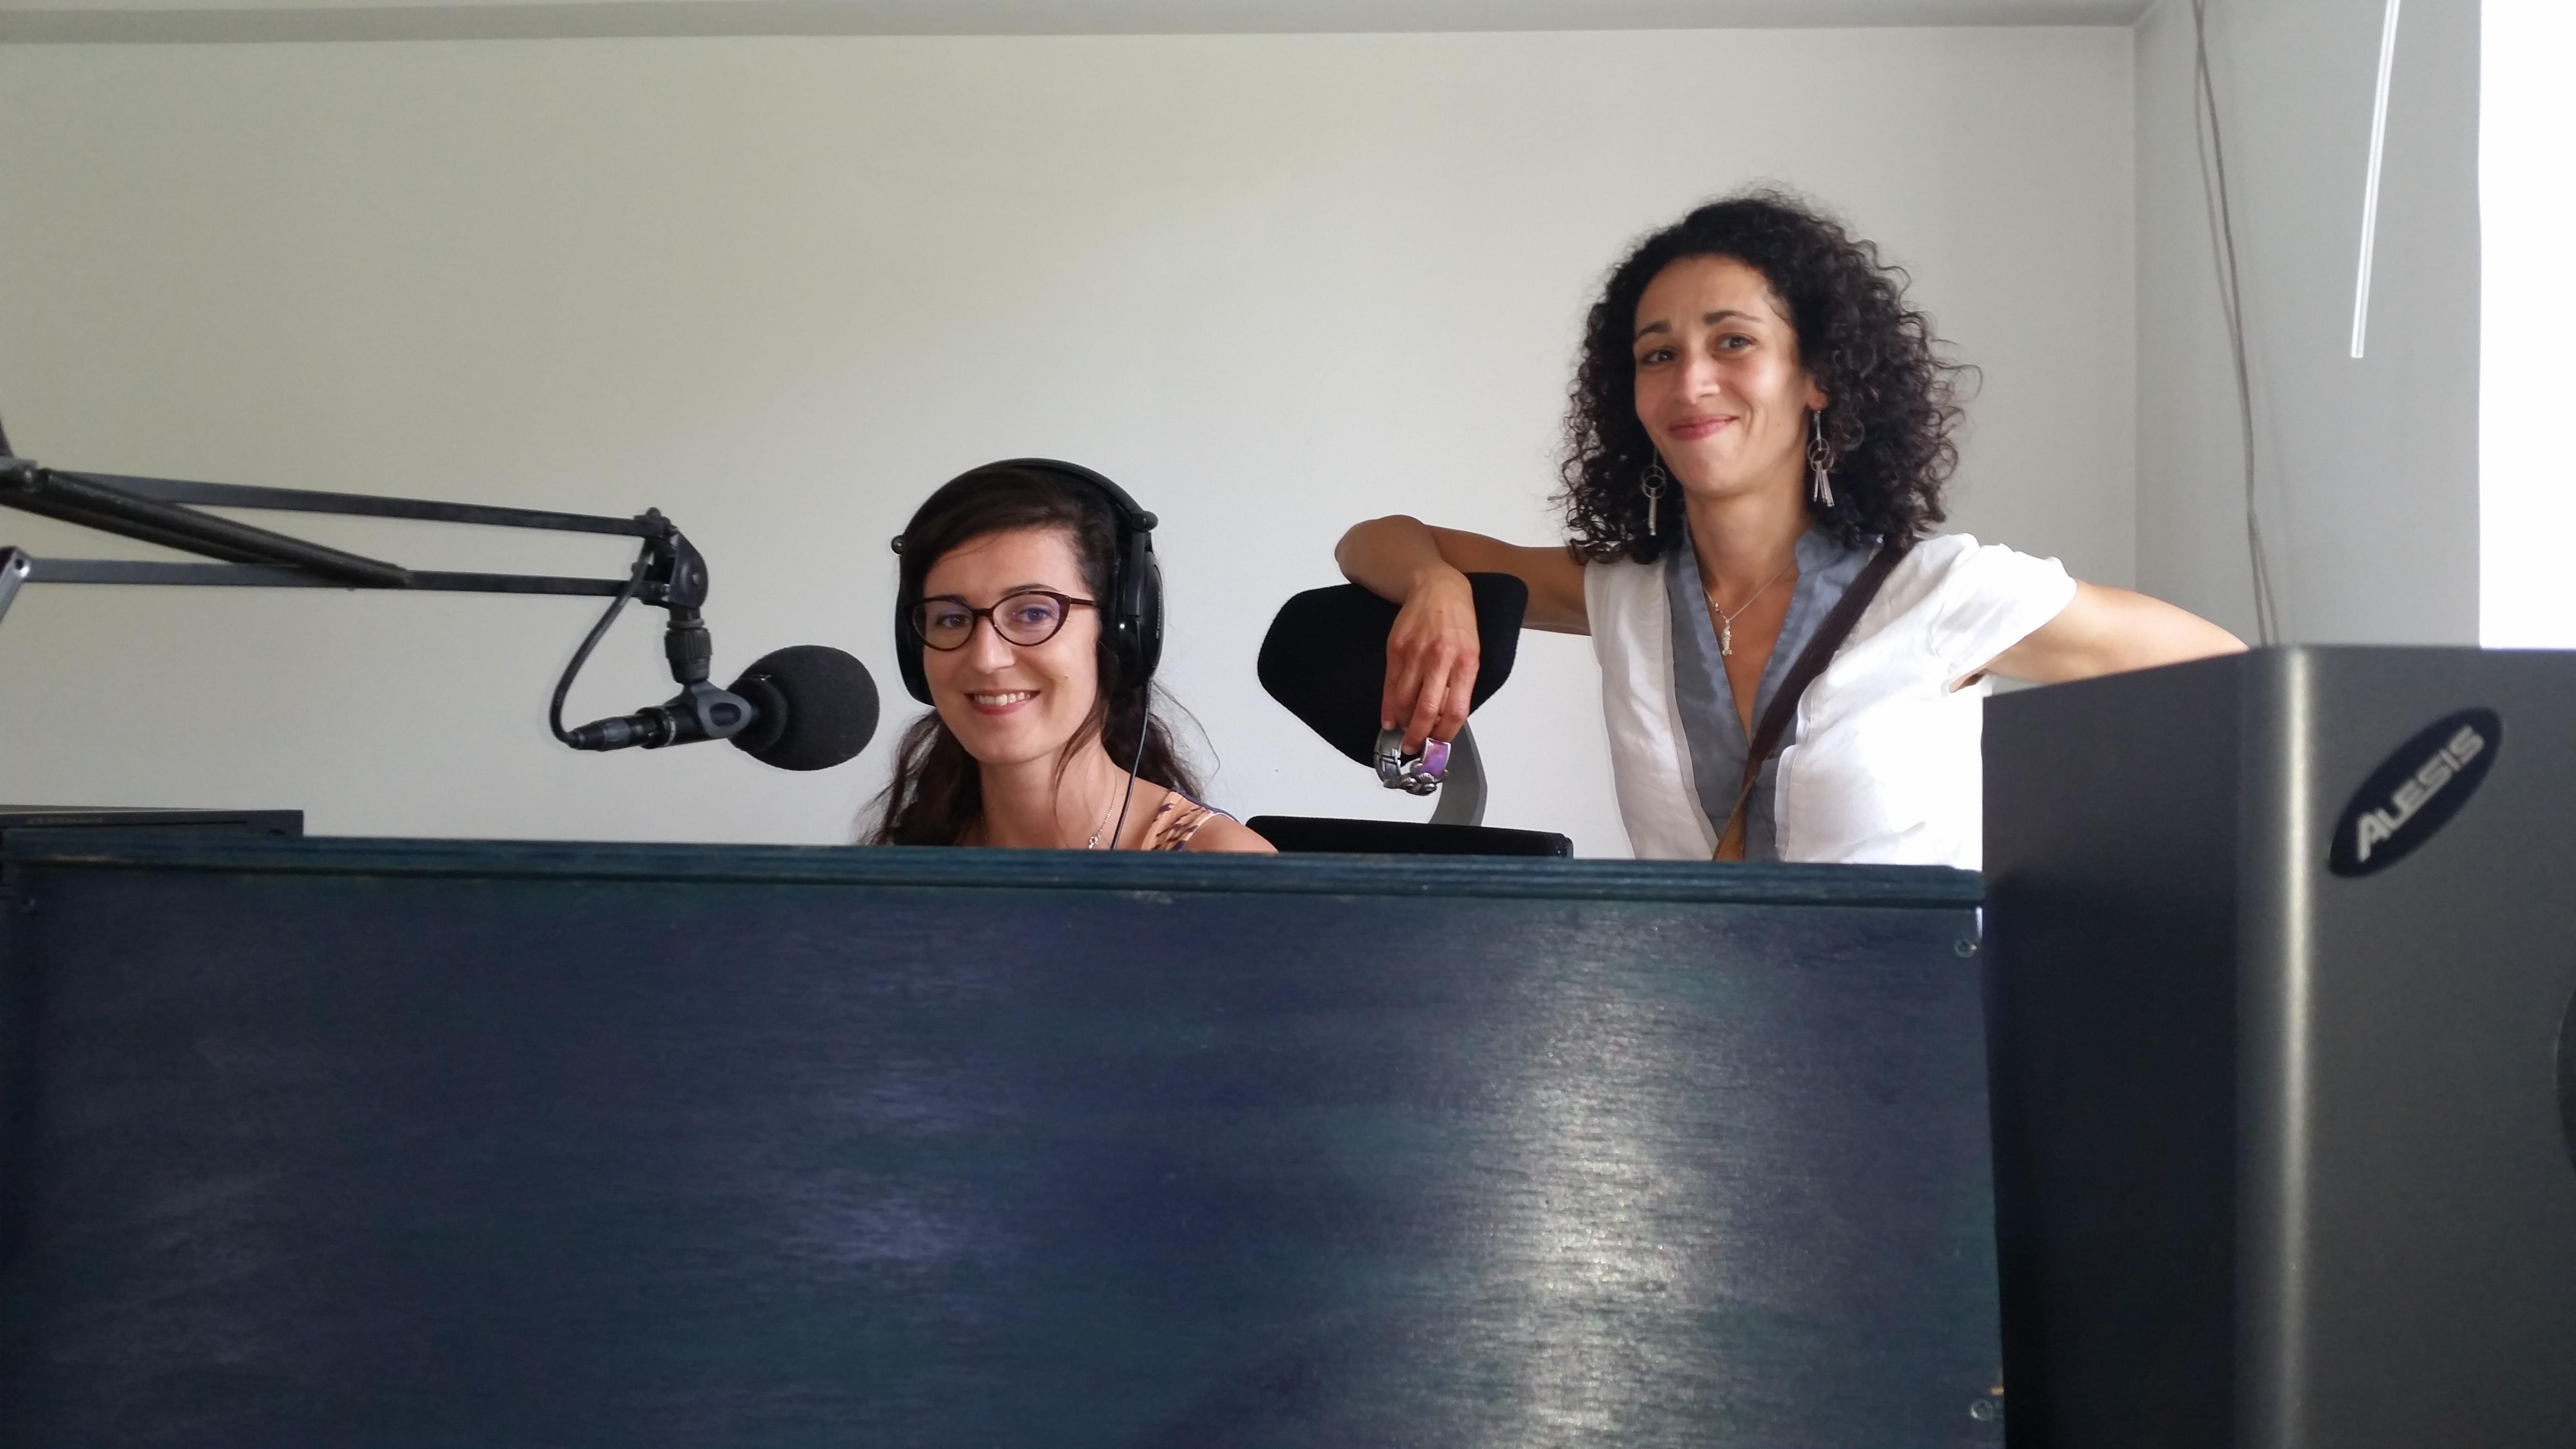 Crémaillère radiophonique dans les nouveaux locaux de Fréquence Mistral !